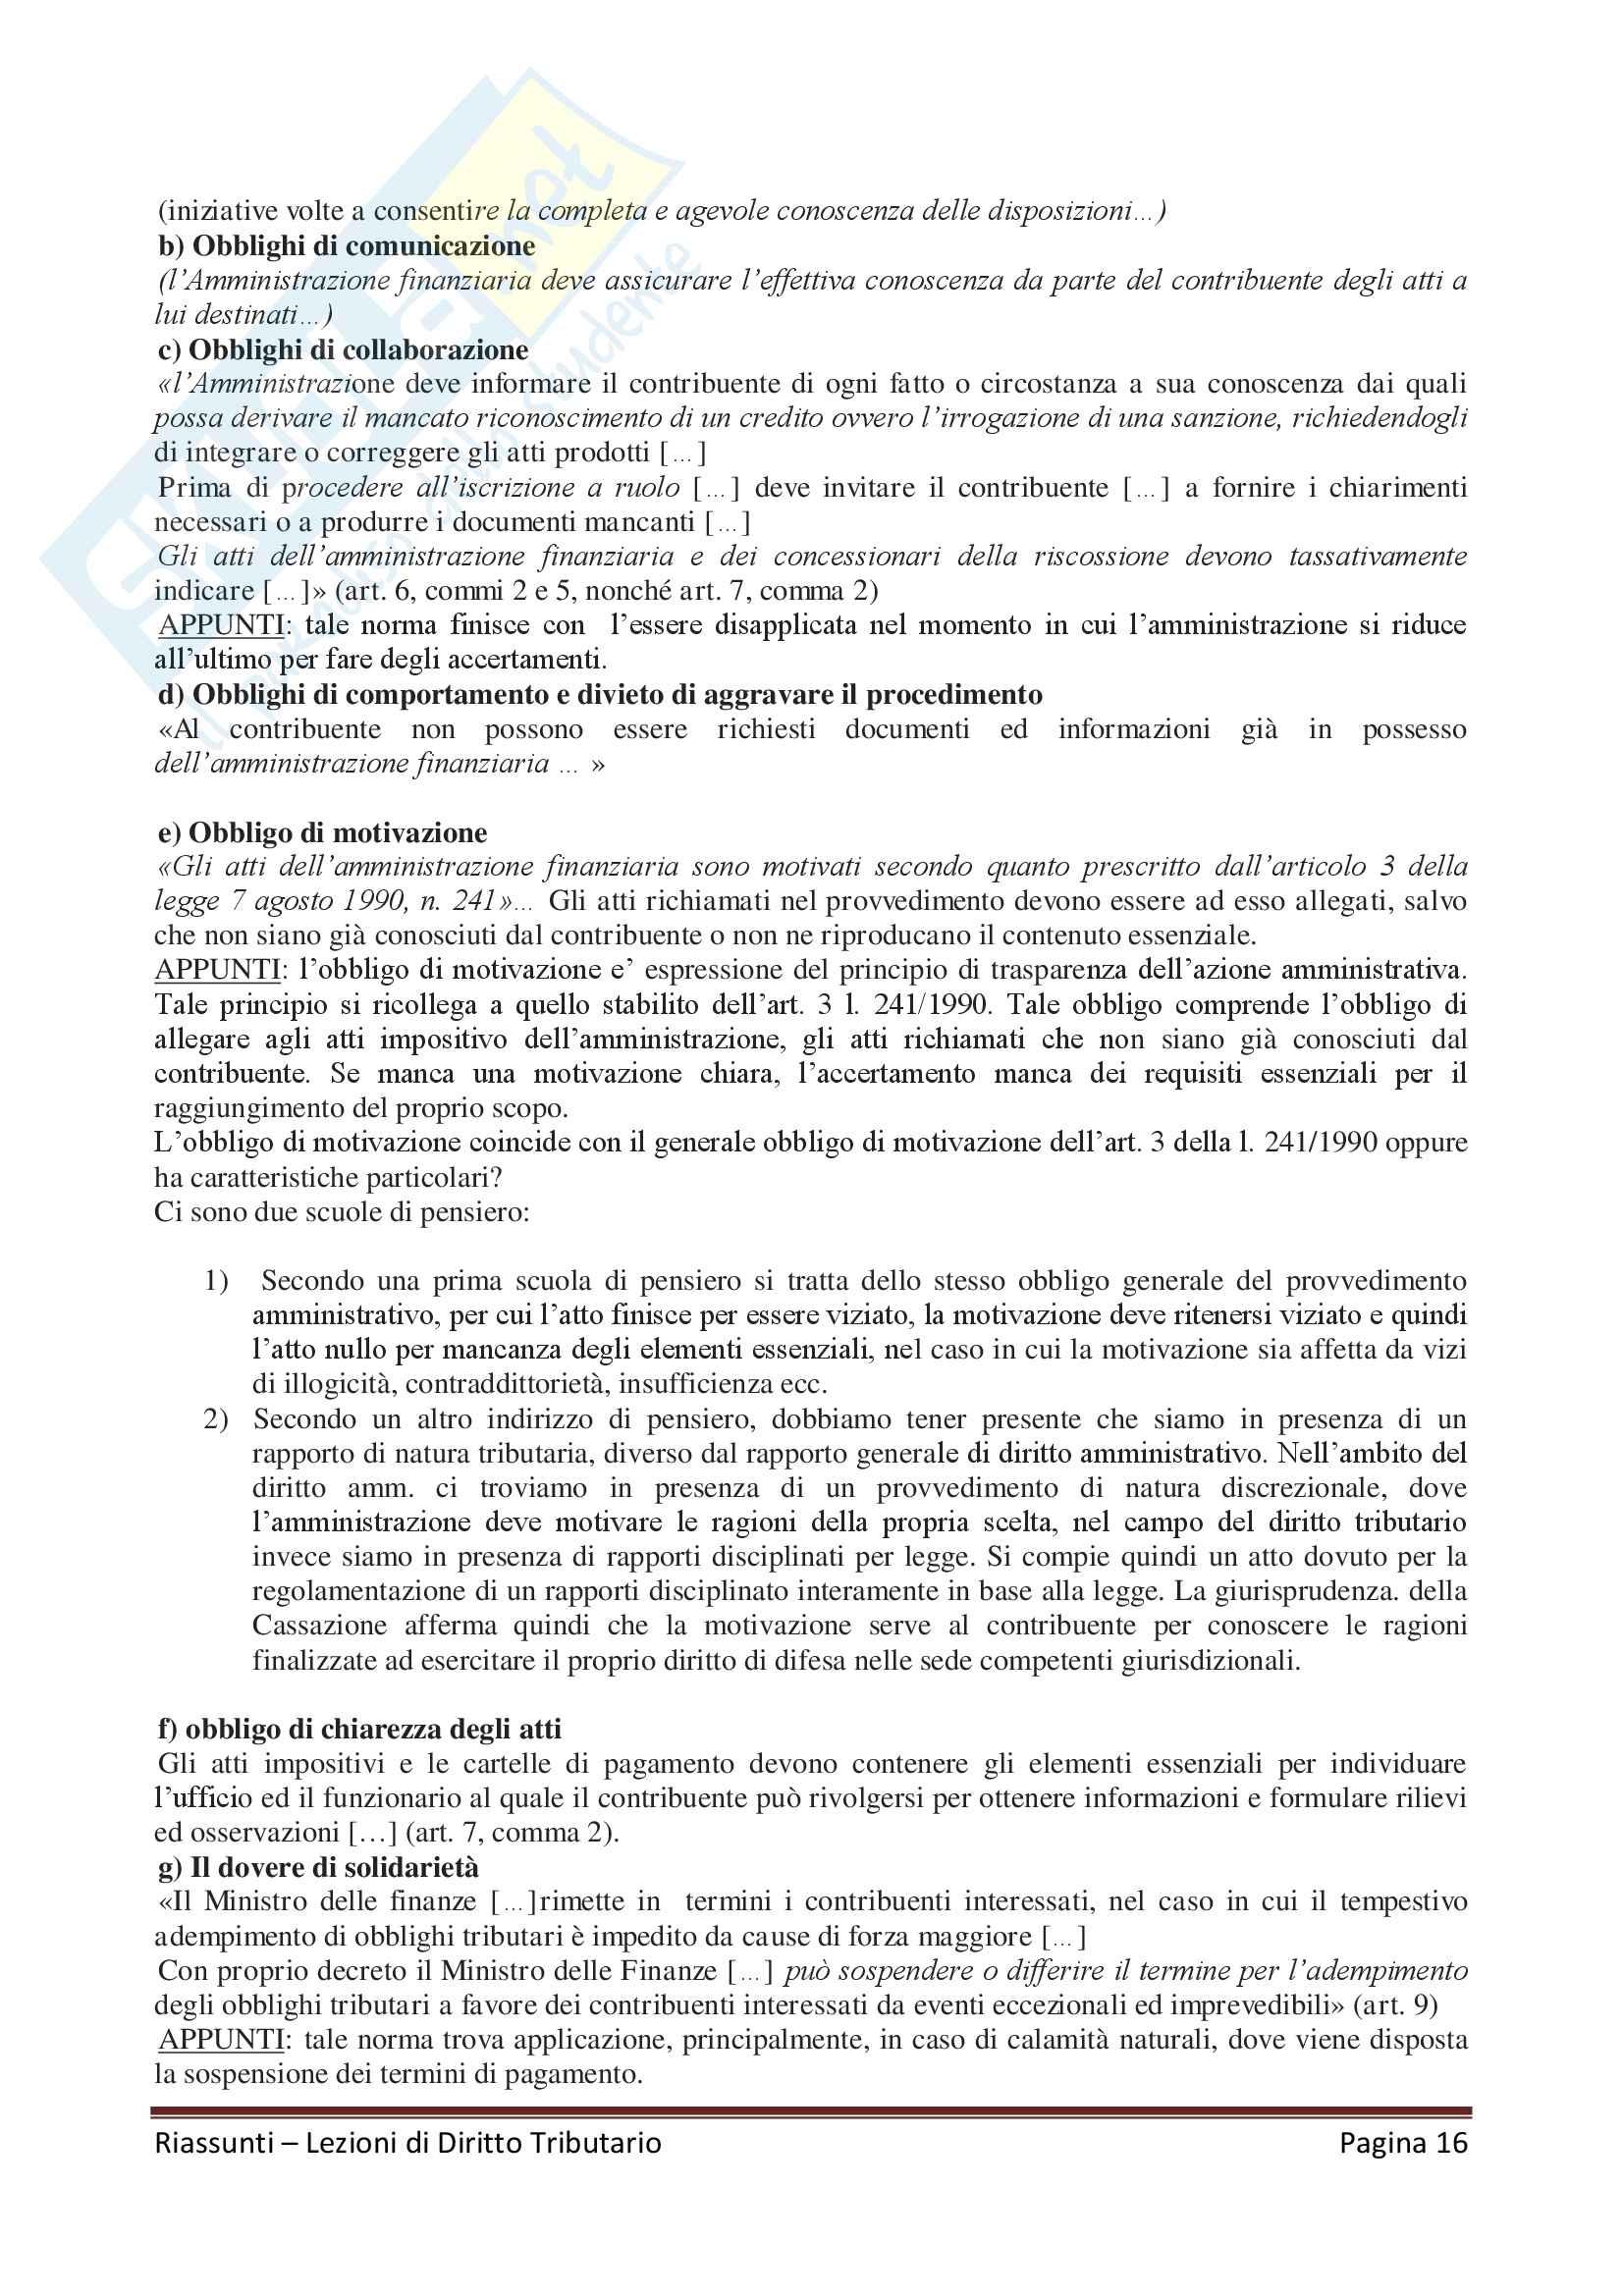 """Riassunto esame Diritto Tributario, Docente G. Melis, libro consigliato """"Lezioni di diritto tributario"""" di G. Melis Pag. 16"""